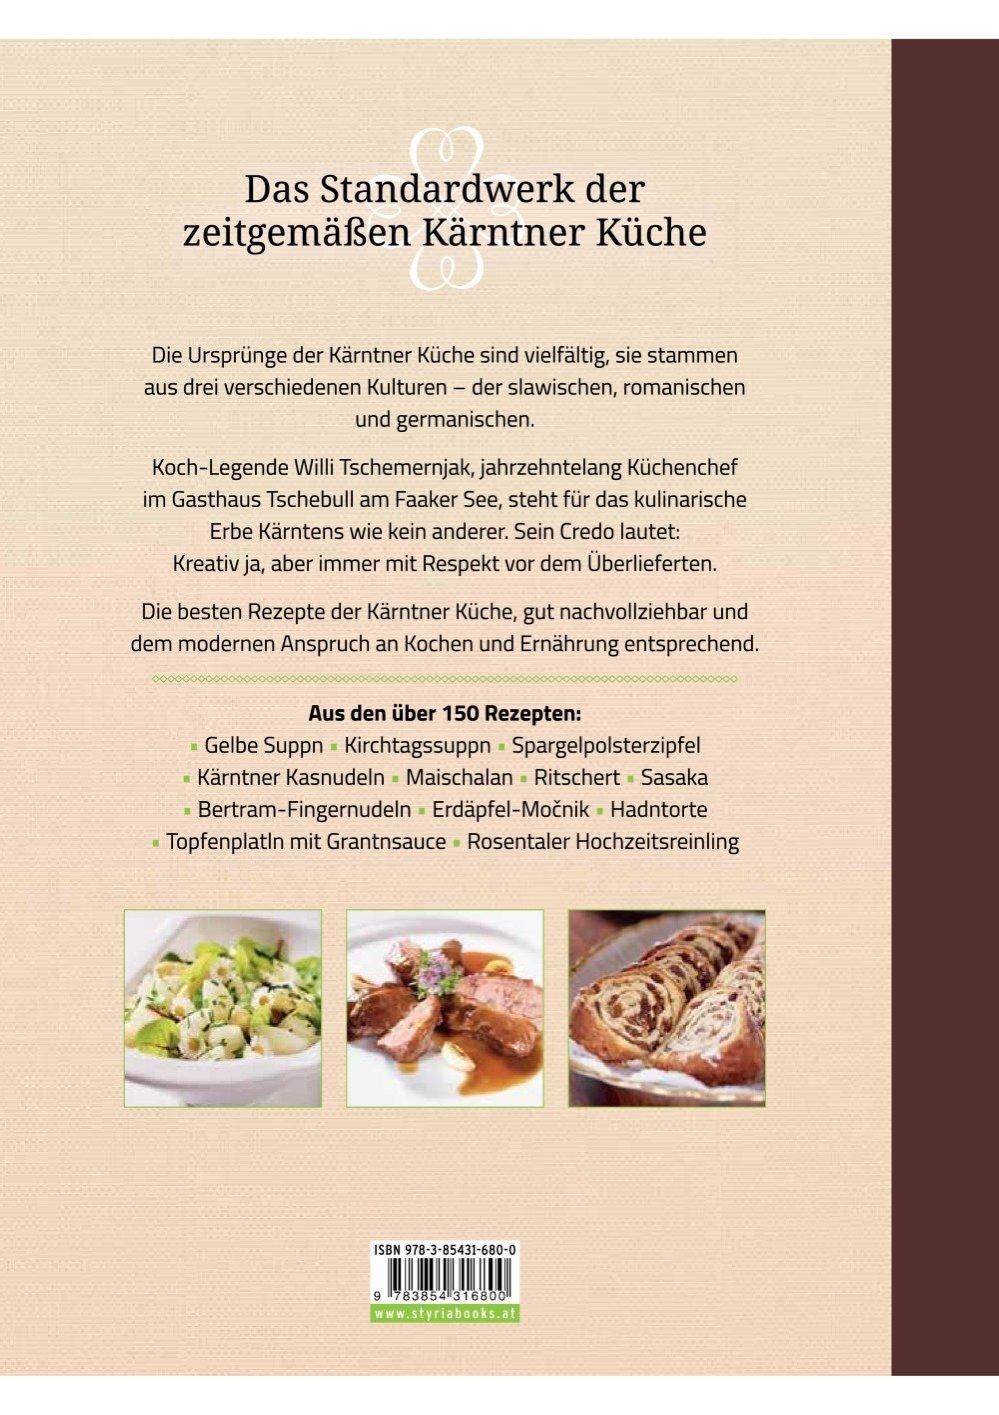 Drei kkk kuchen for Die judische kuche